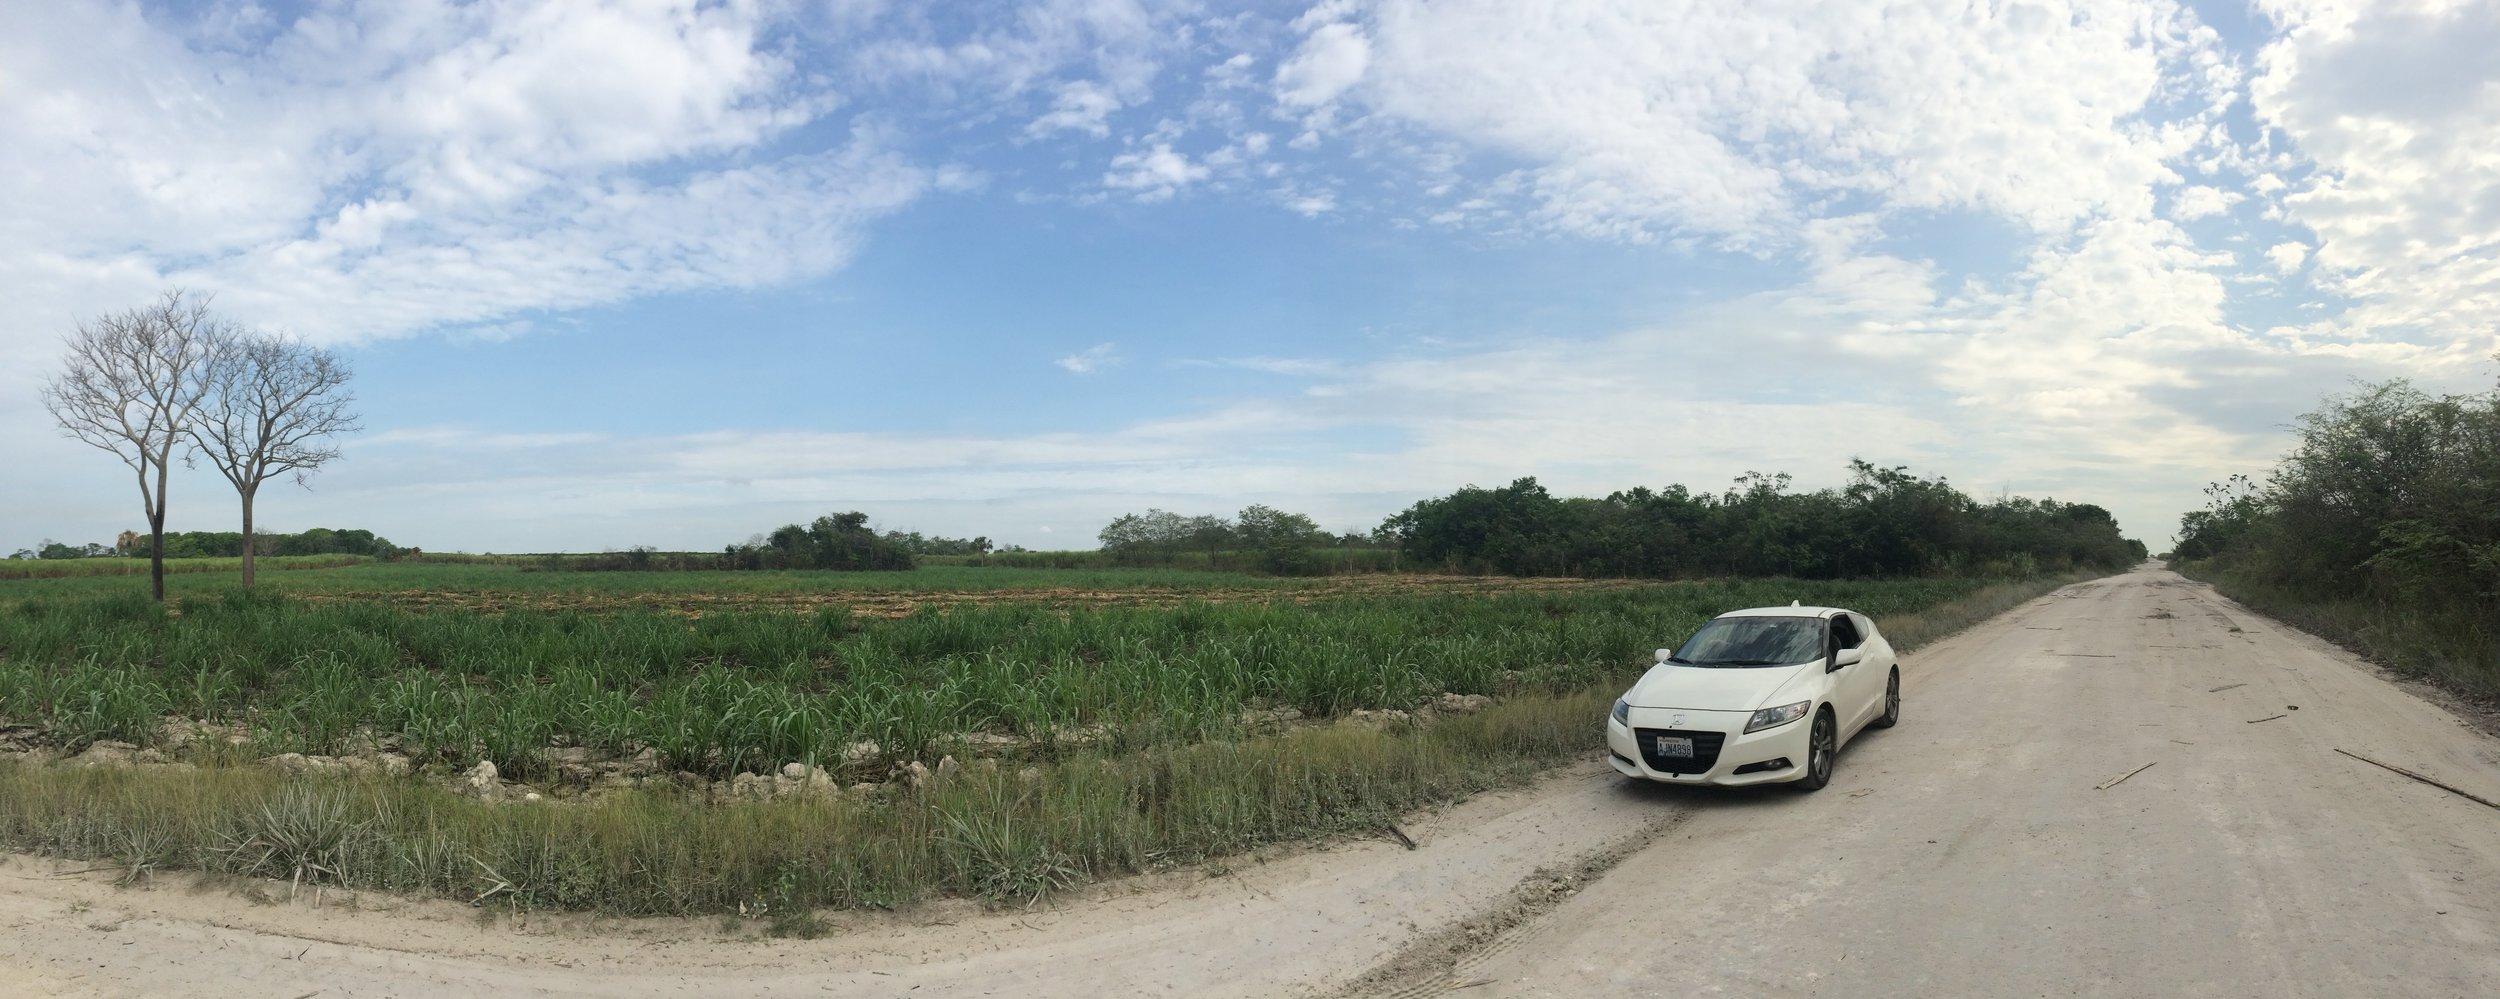 Belizean fields & silty roads